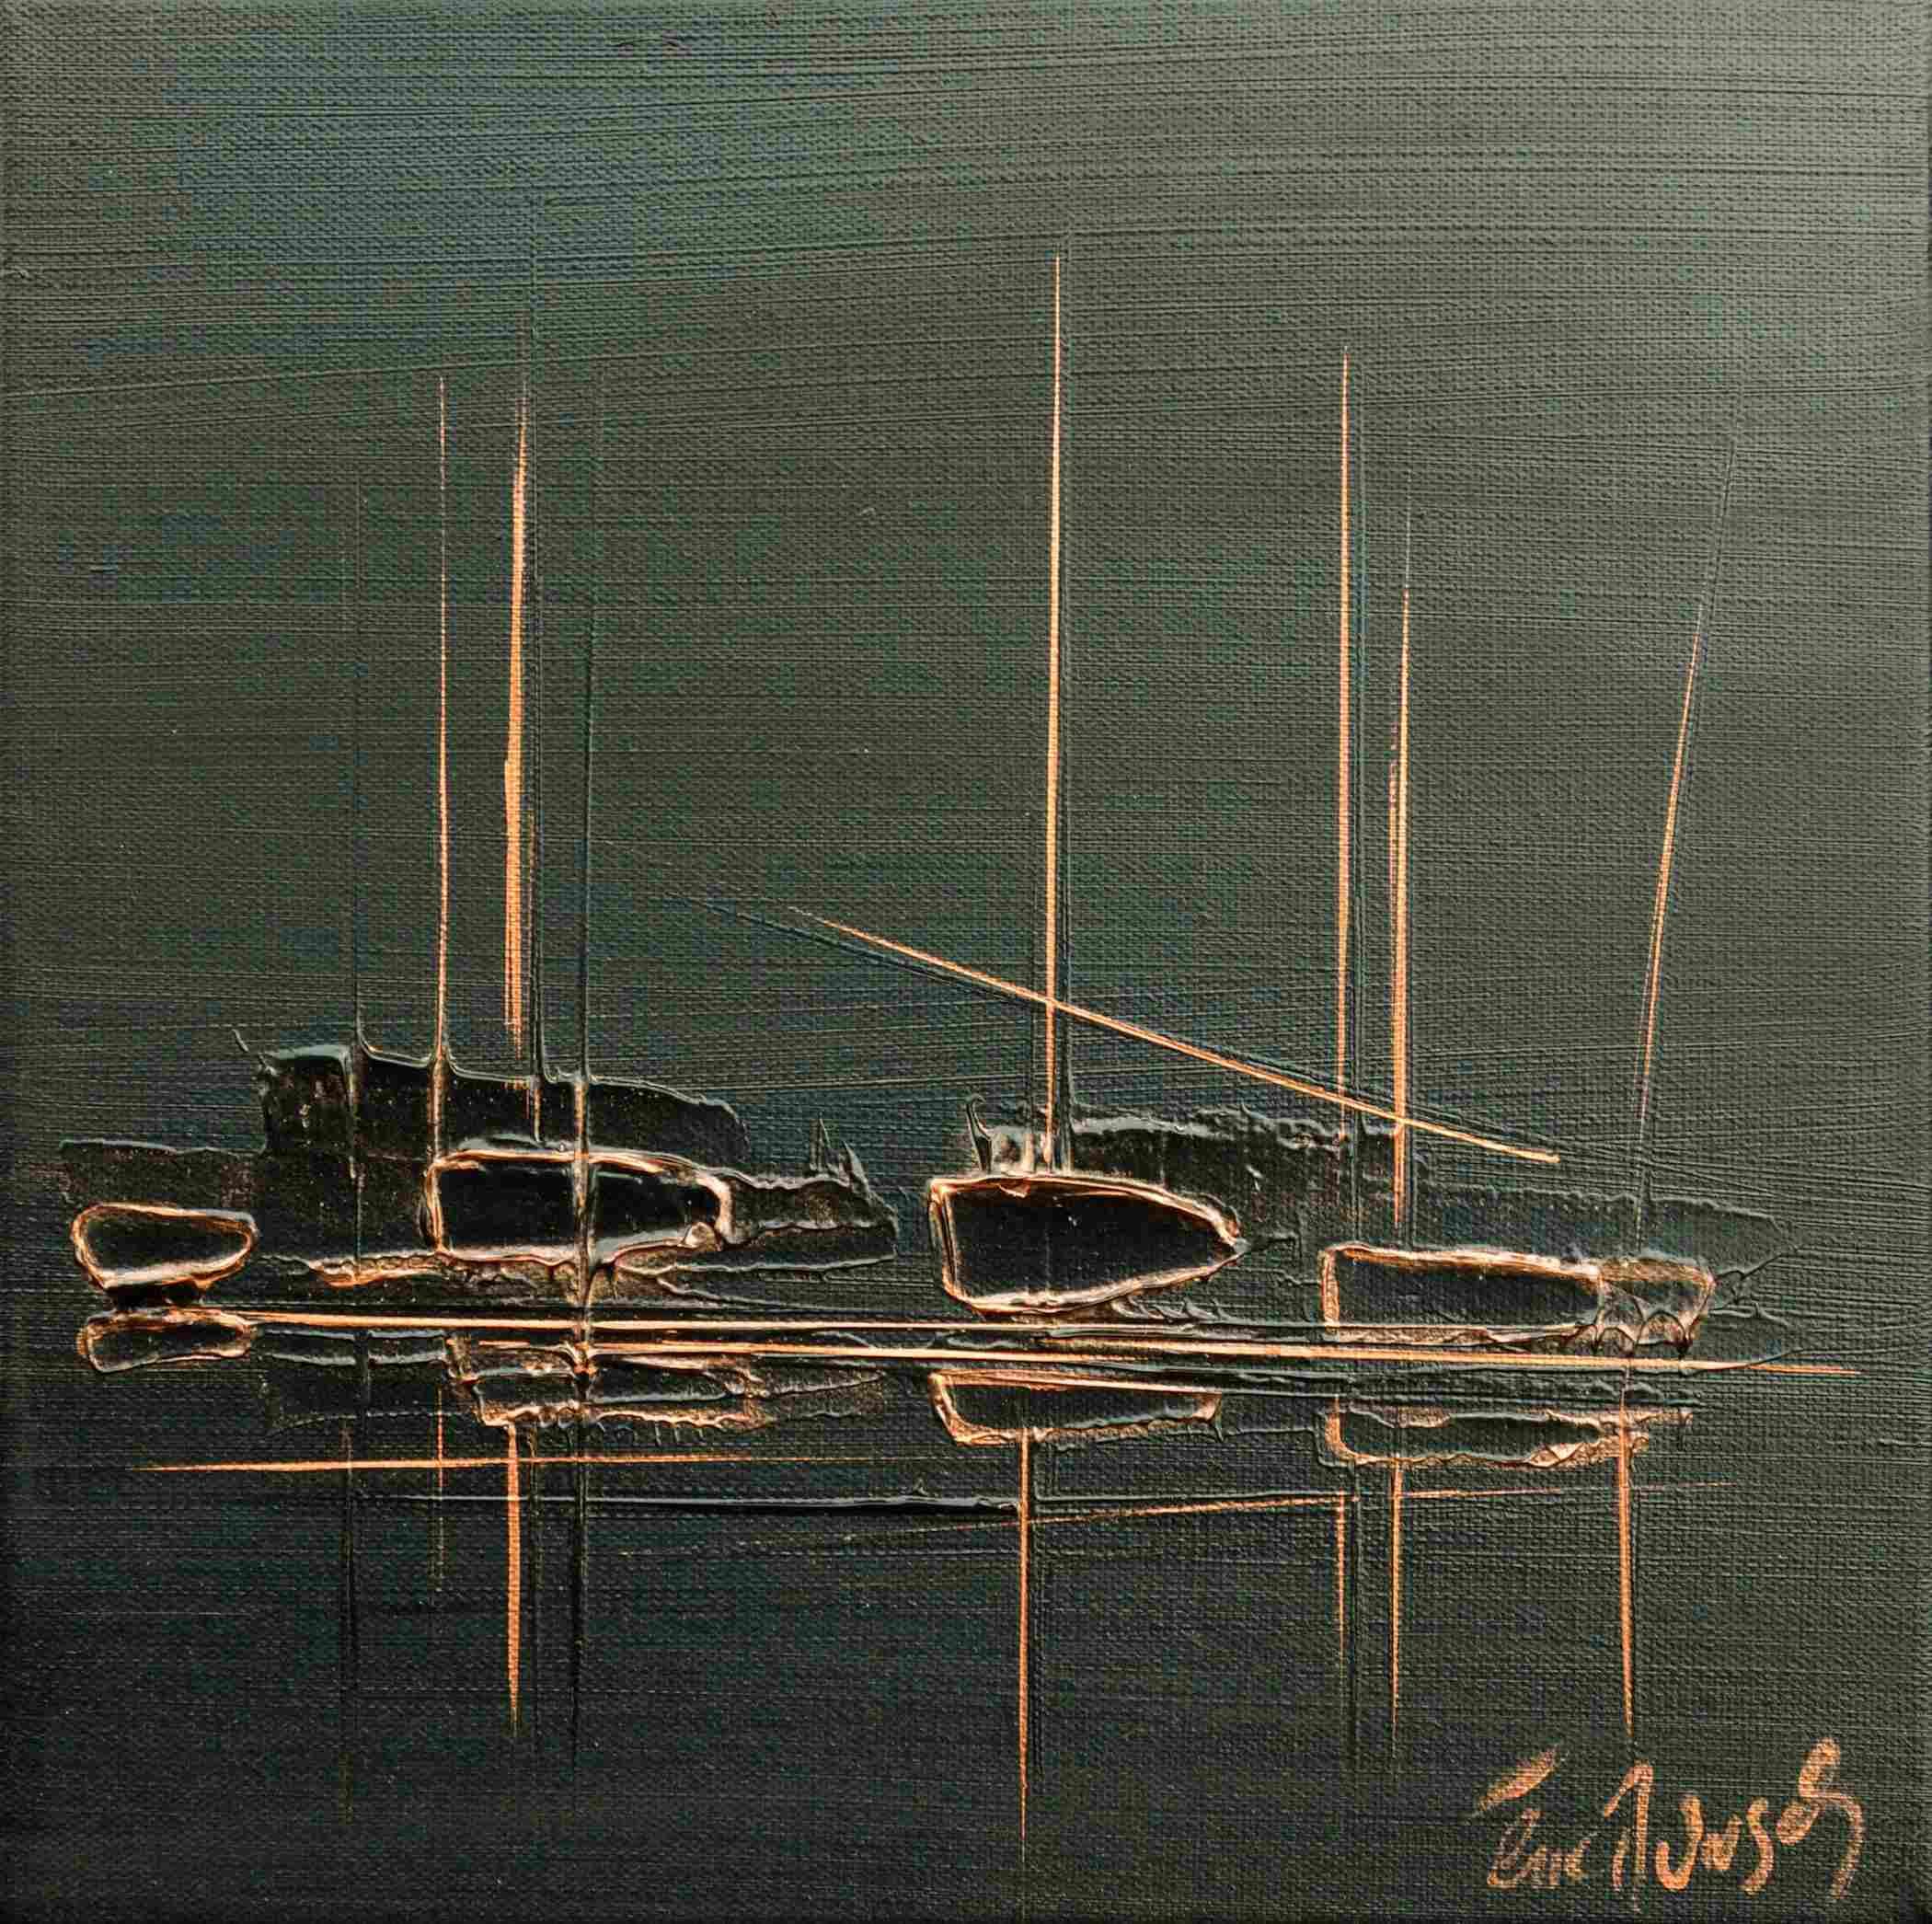 Epreuve d'Artiste - Eric Munsch - Acrylique sur toile - 30x30 cm - Galerie Bost